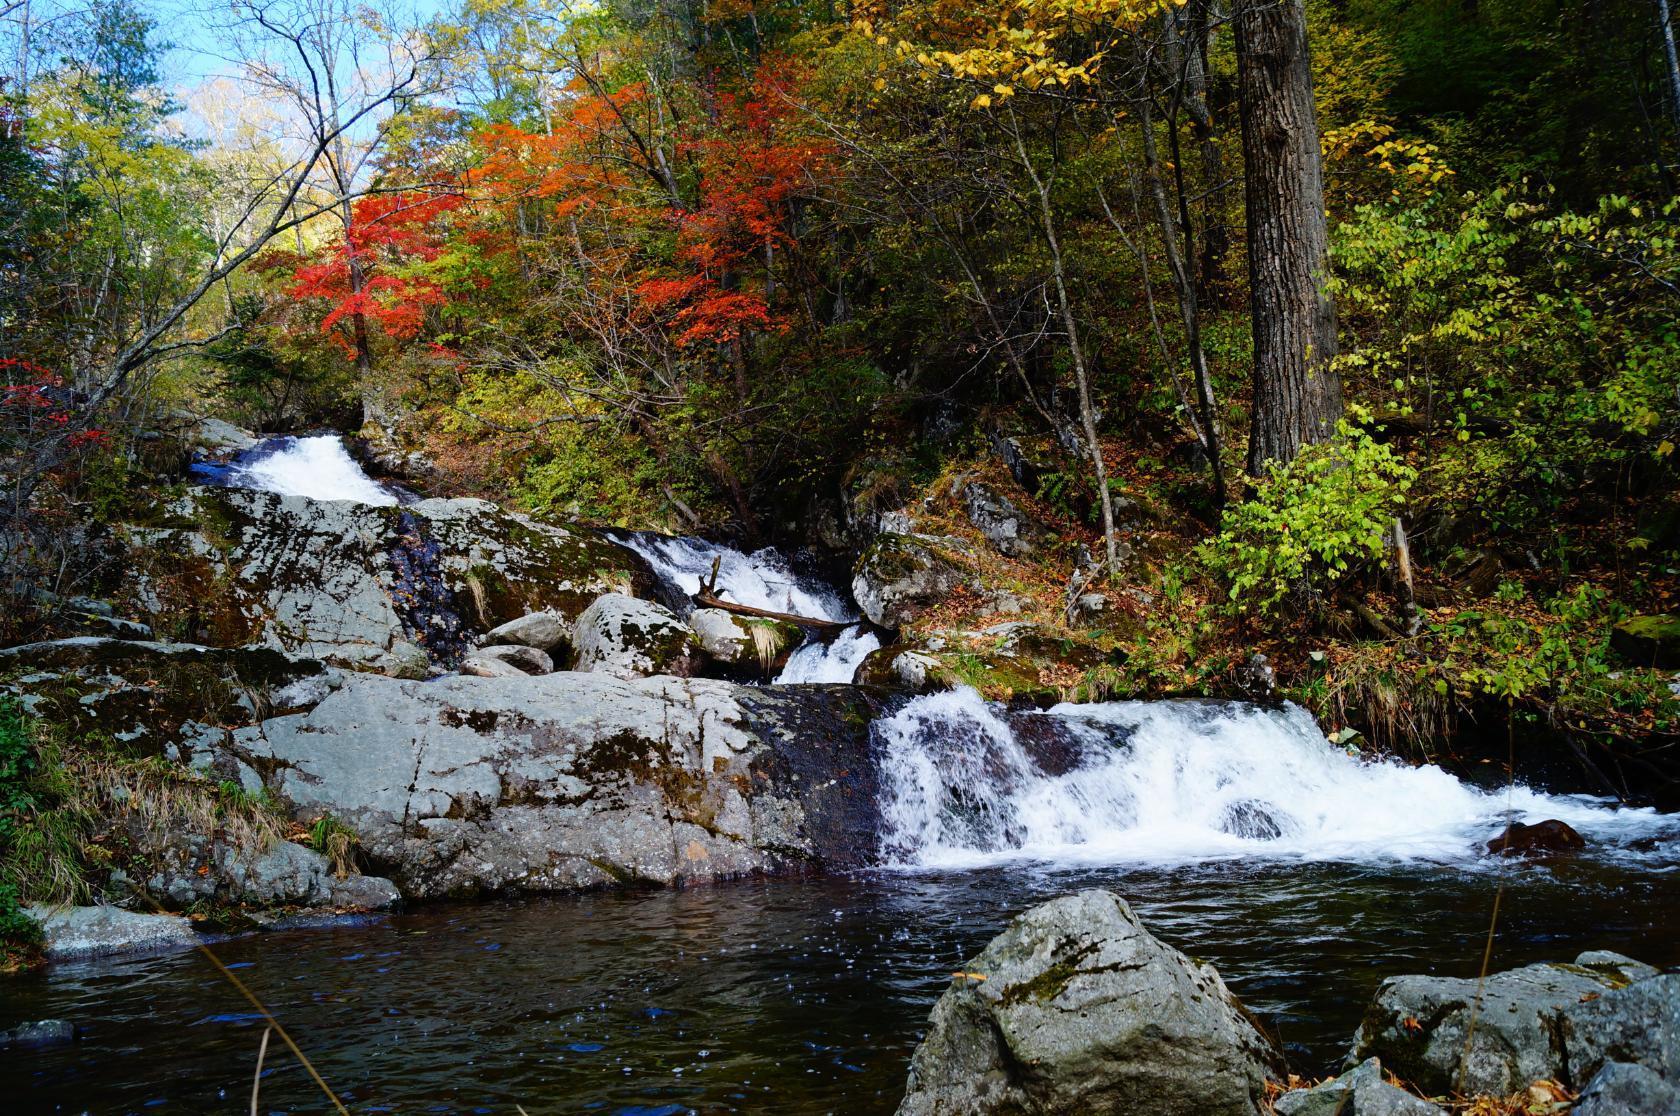 приложение фото ворошиловские водопады были раздеты нижнего